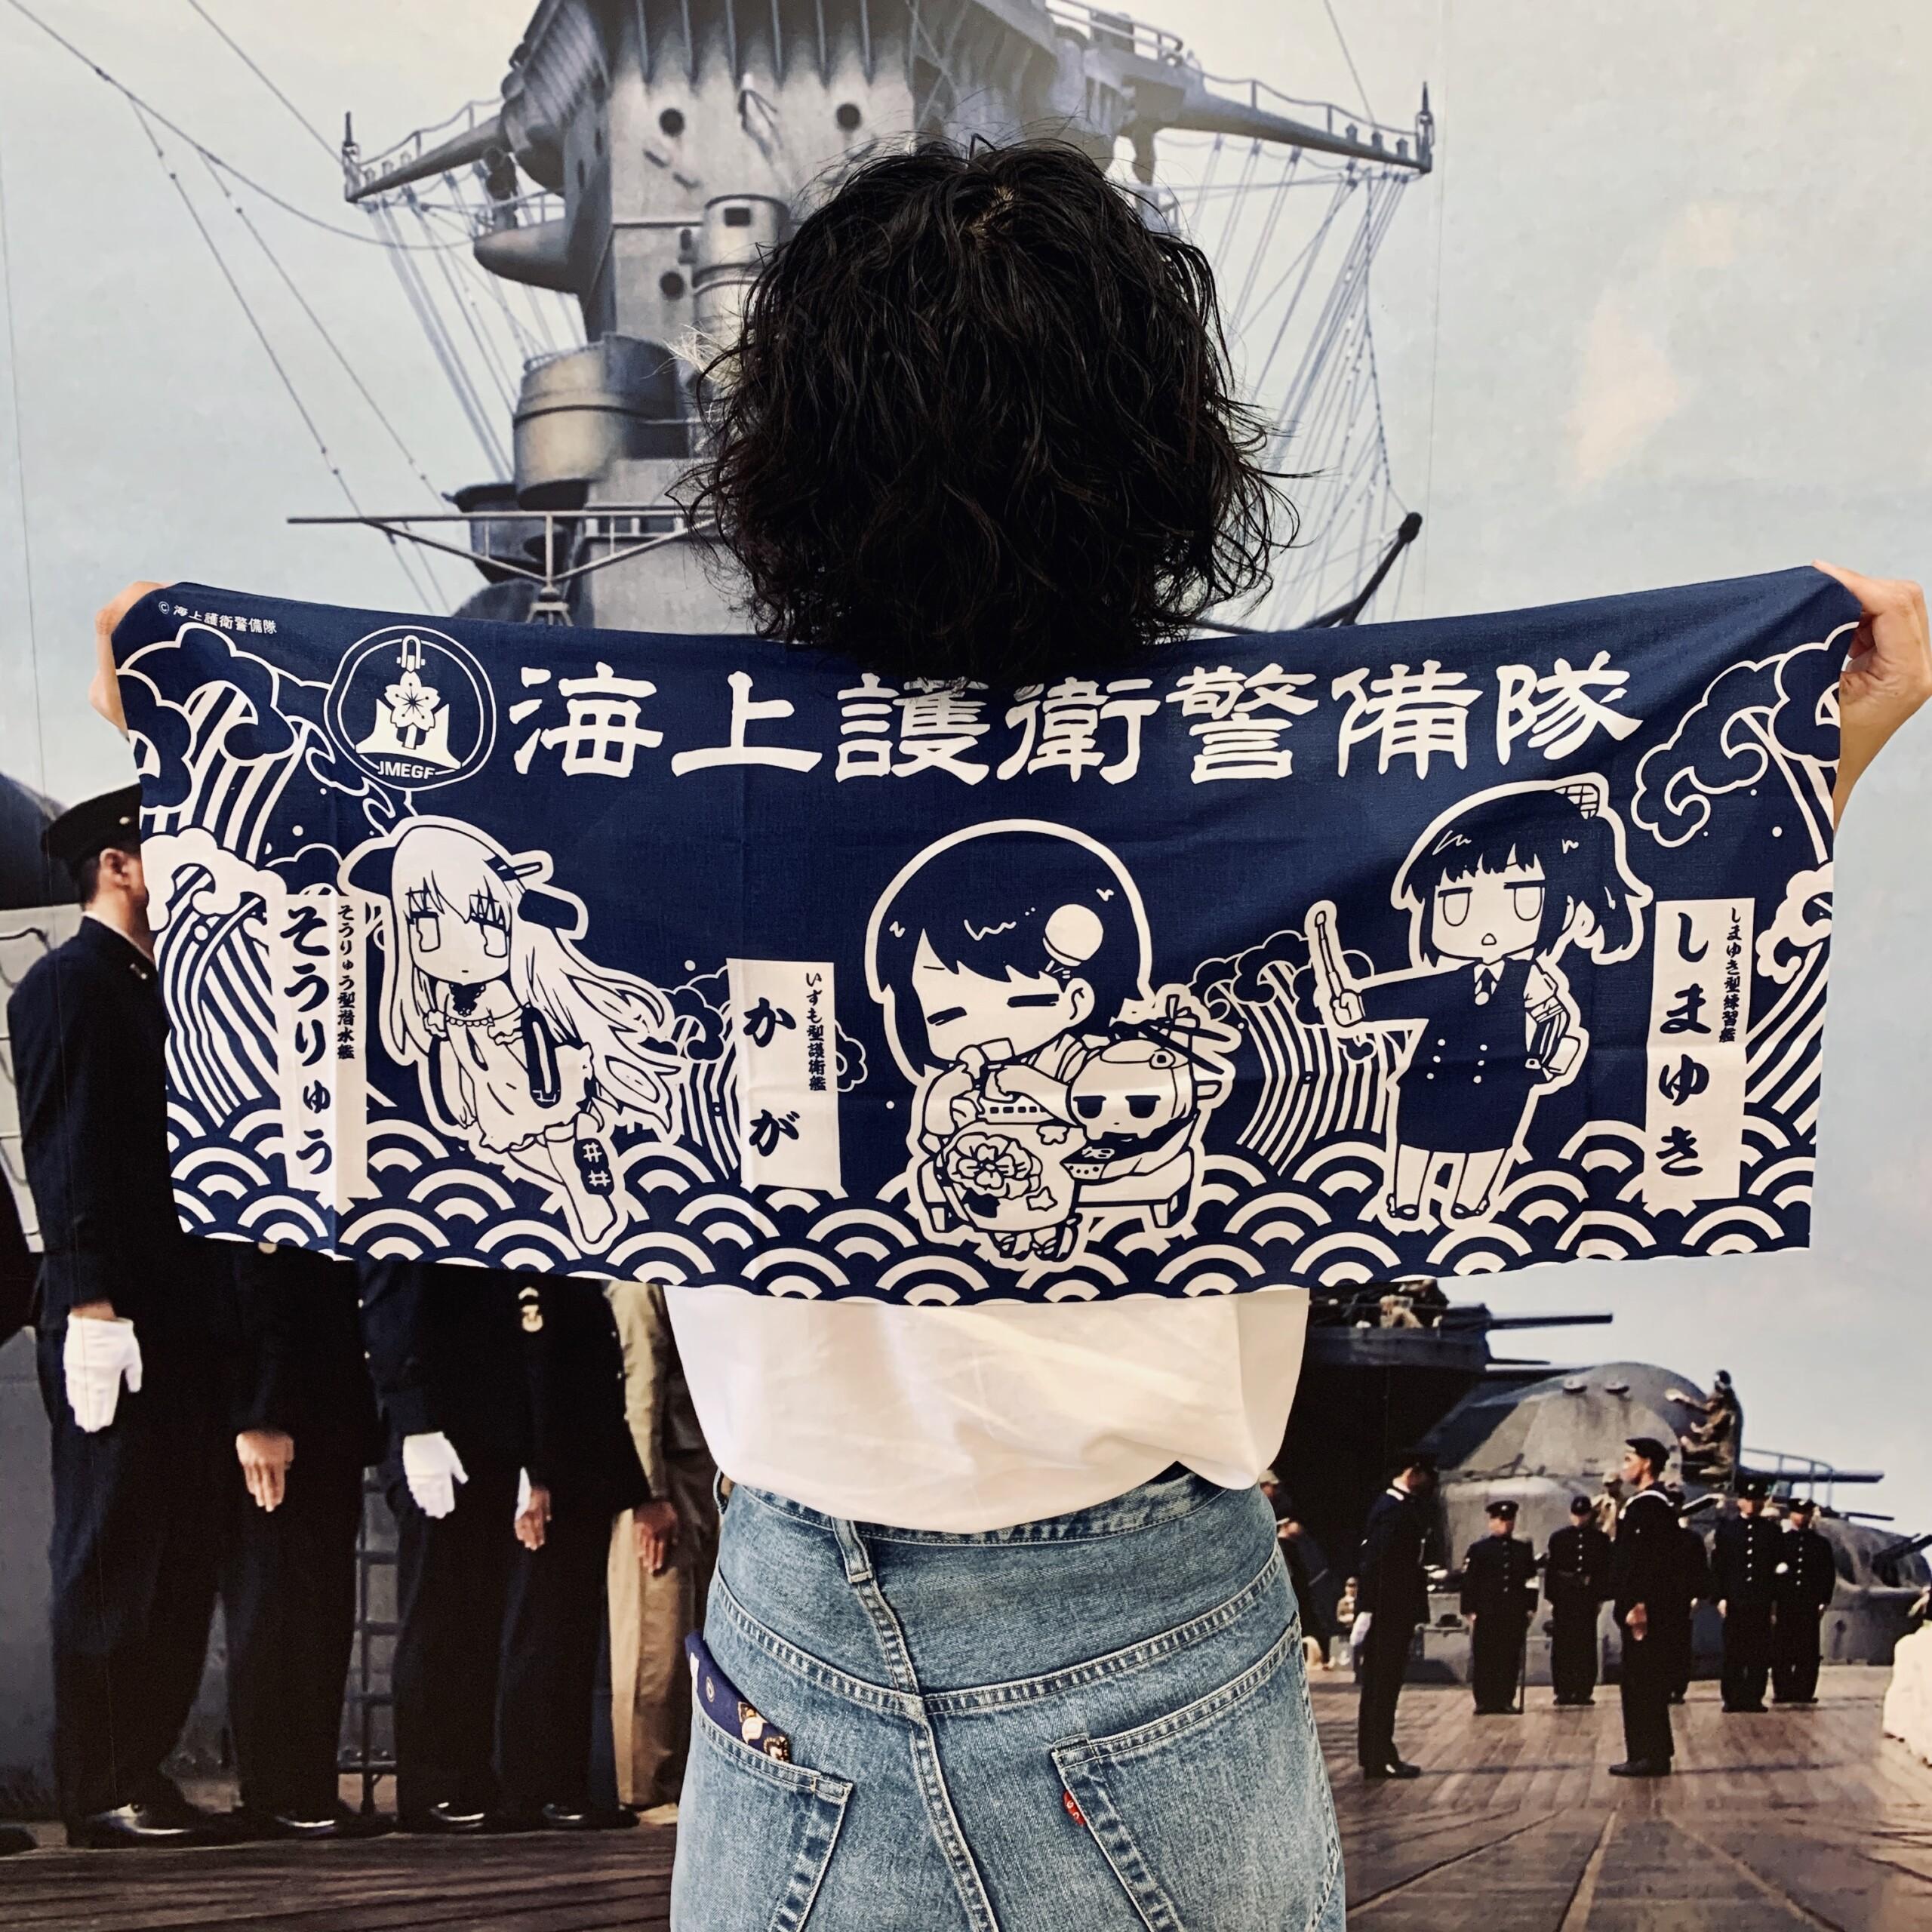 海上護衛警備隊の手ぬぐいを広げている